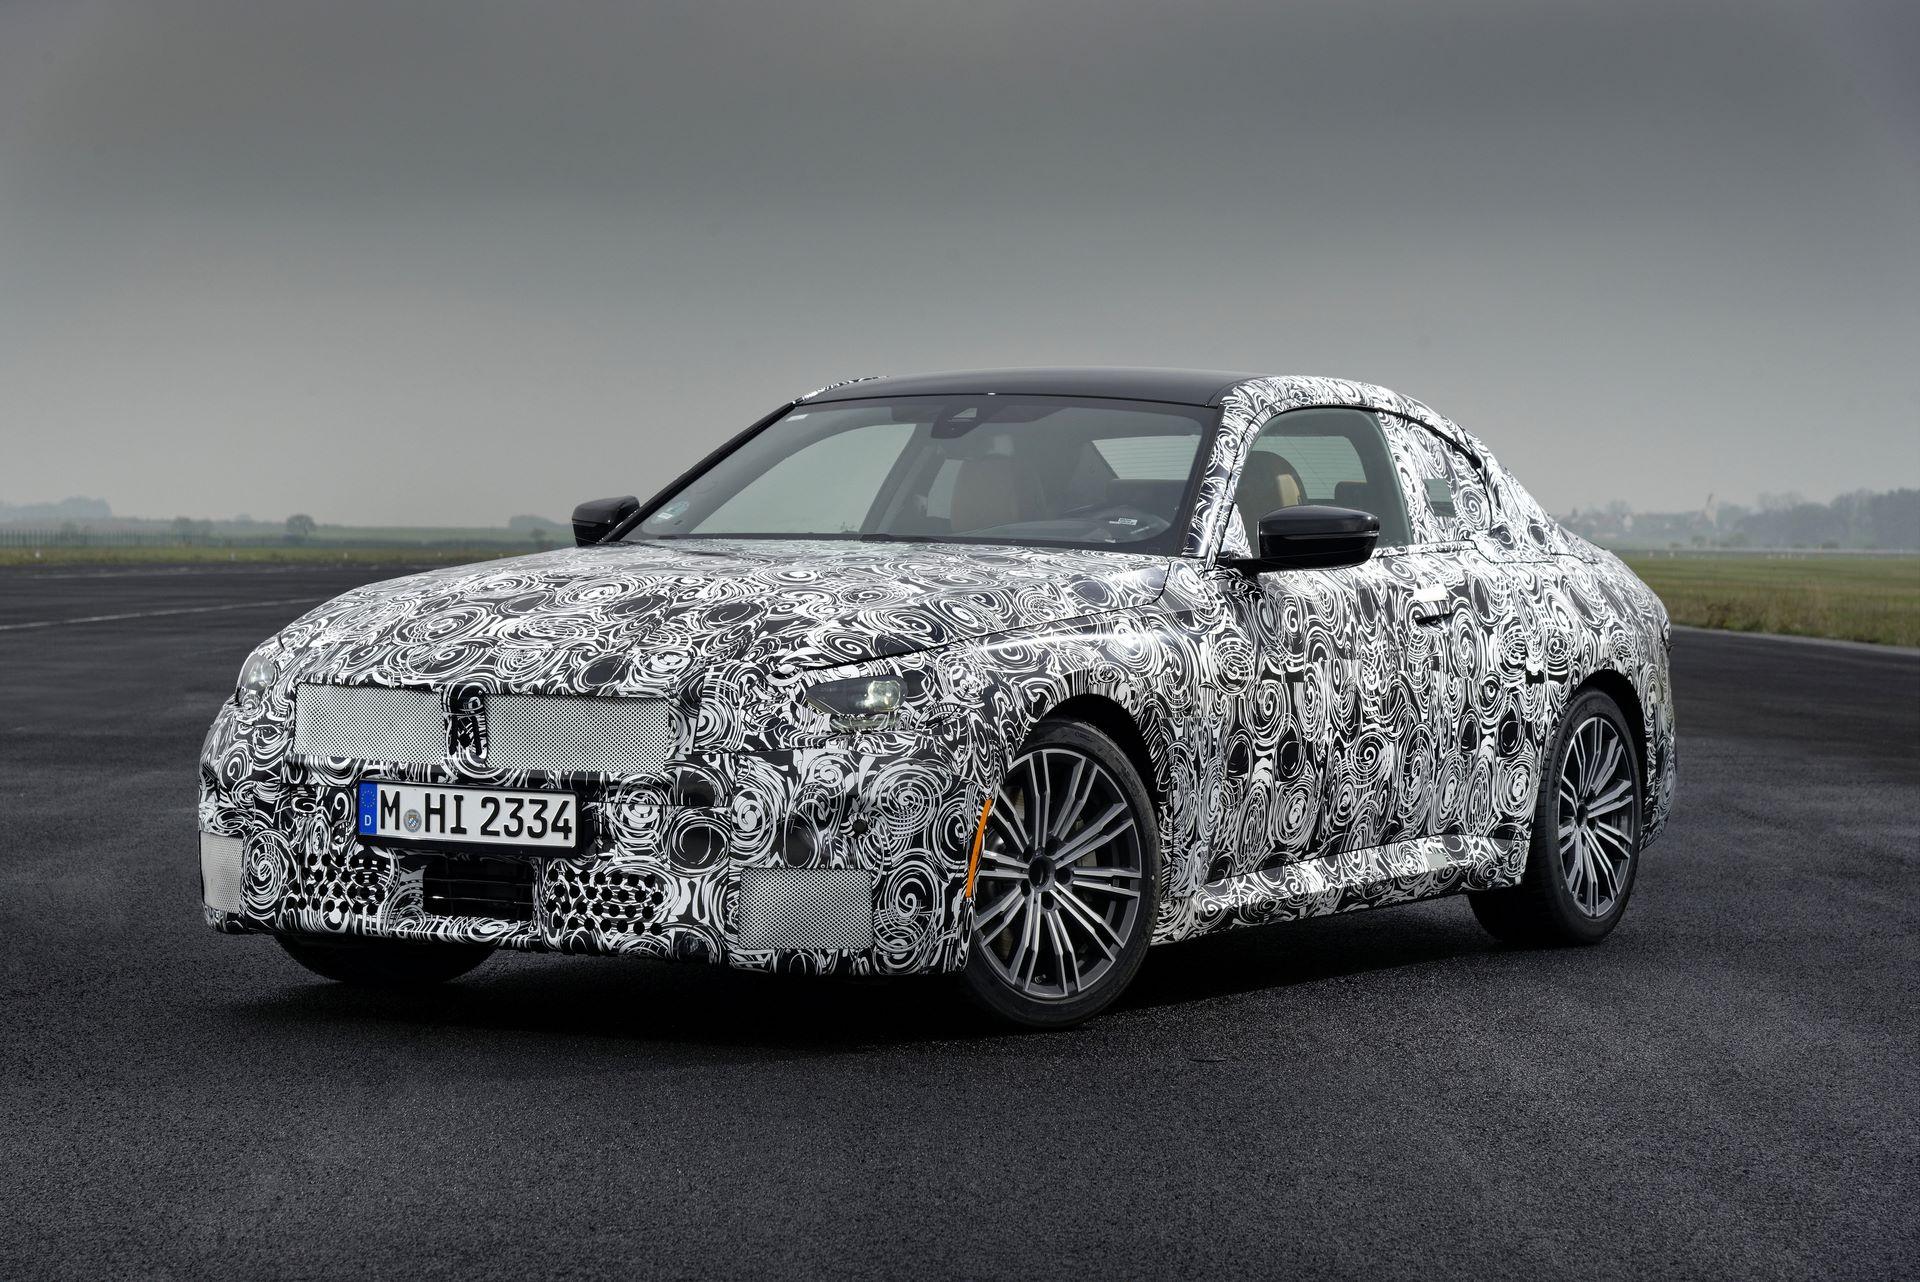 BMW-2-Series-M240i-spy-photos-44